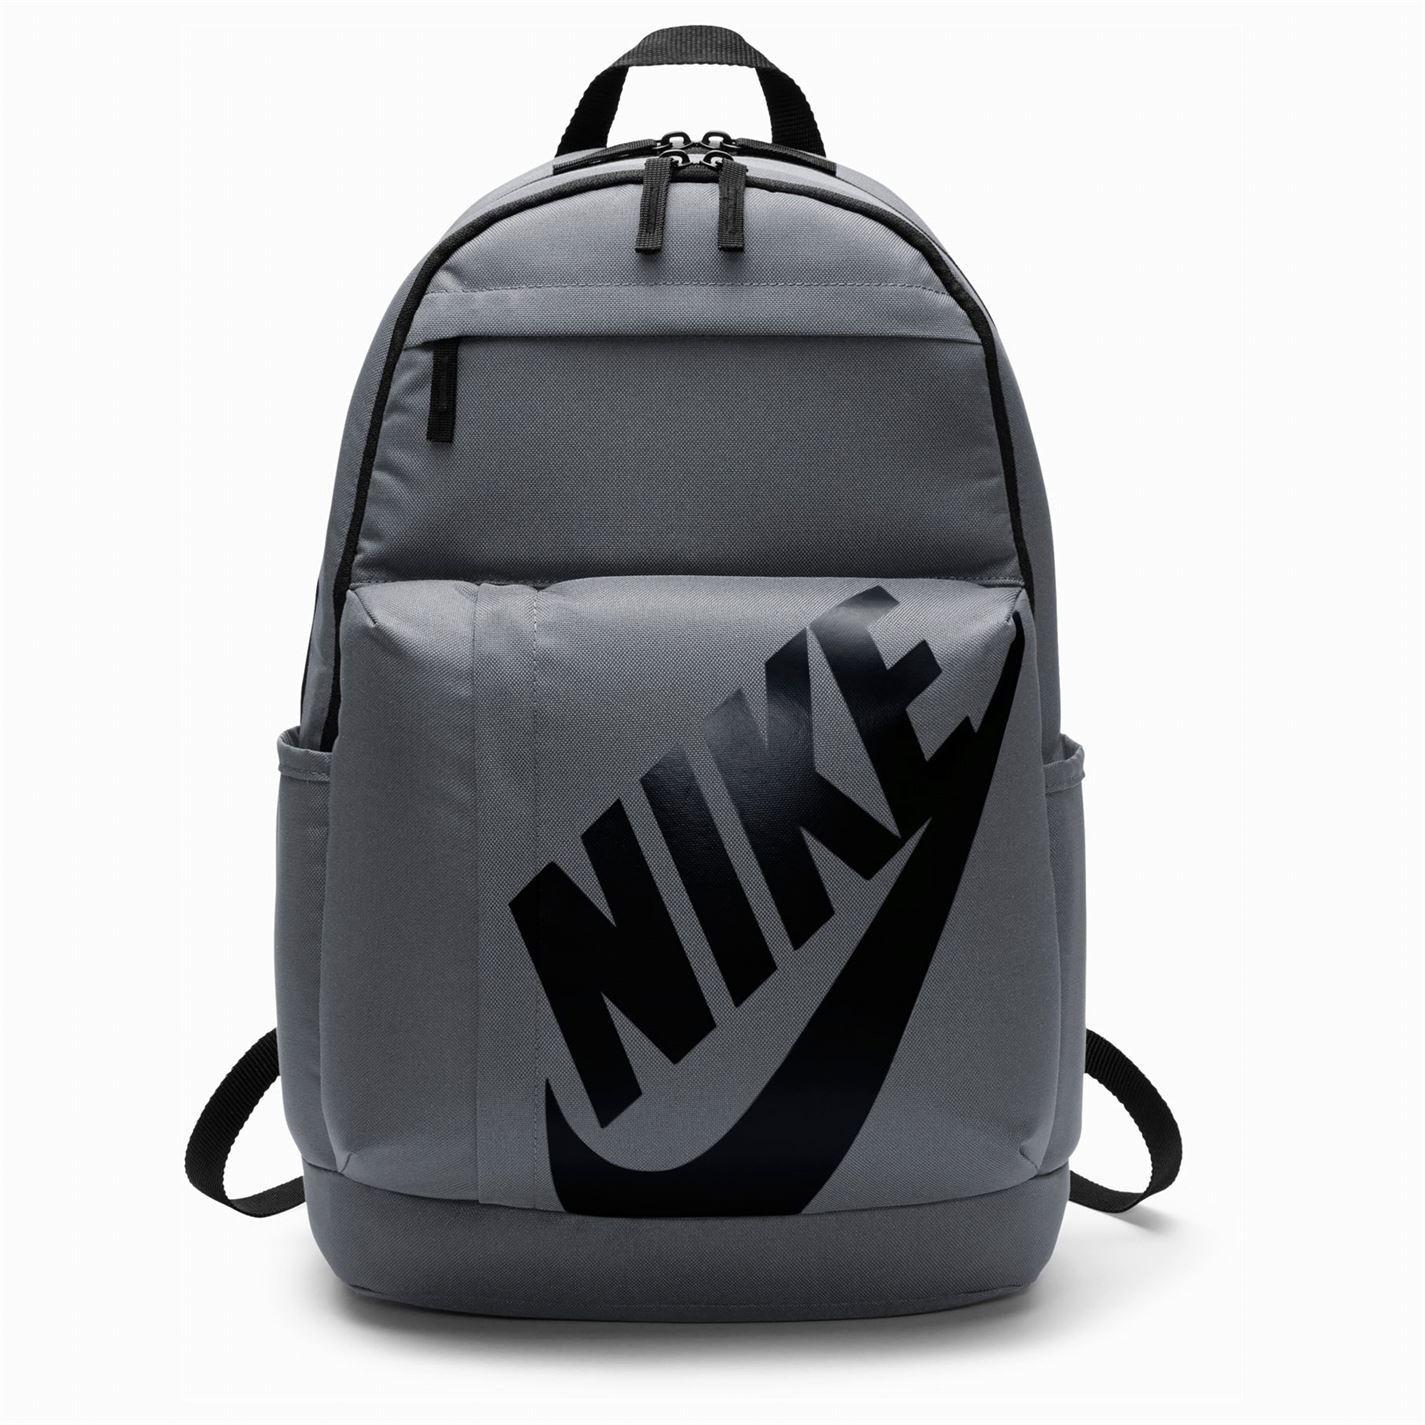 Details zu Nike Element Rucksack Knapsack Tasche Packung